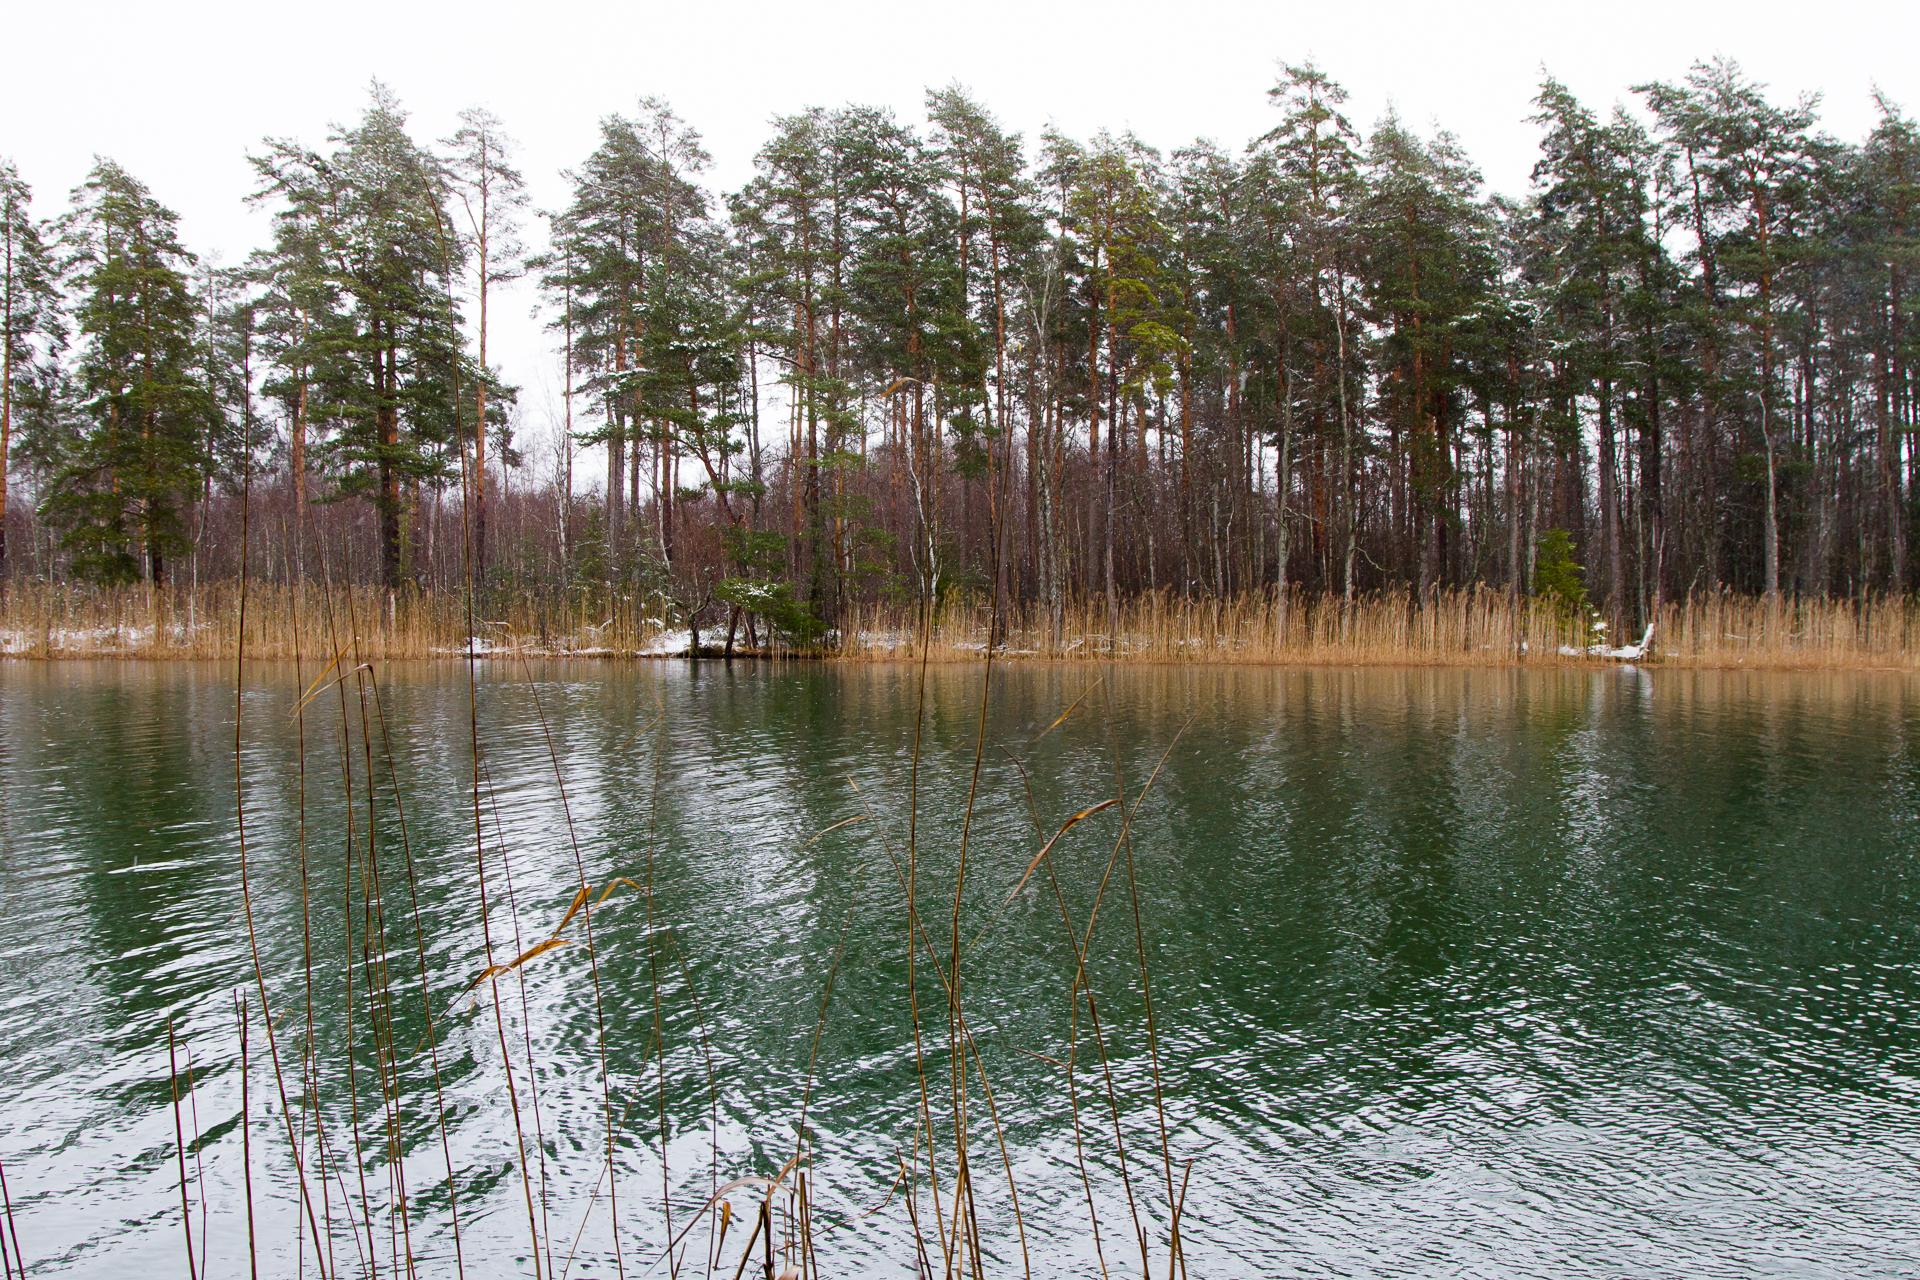 Bild på en sjö och skog med jämnhöga träd på andra sidan och vassruggar vid strandkanten.